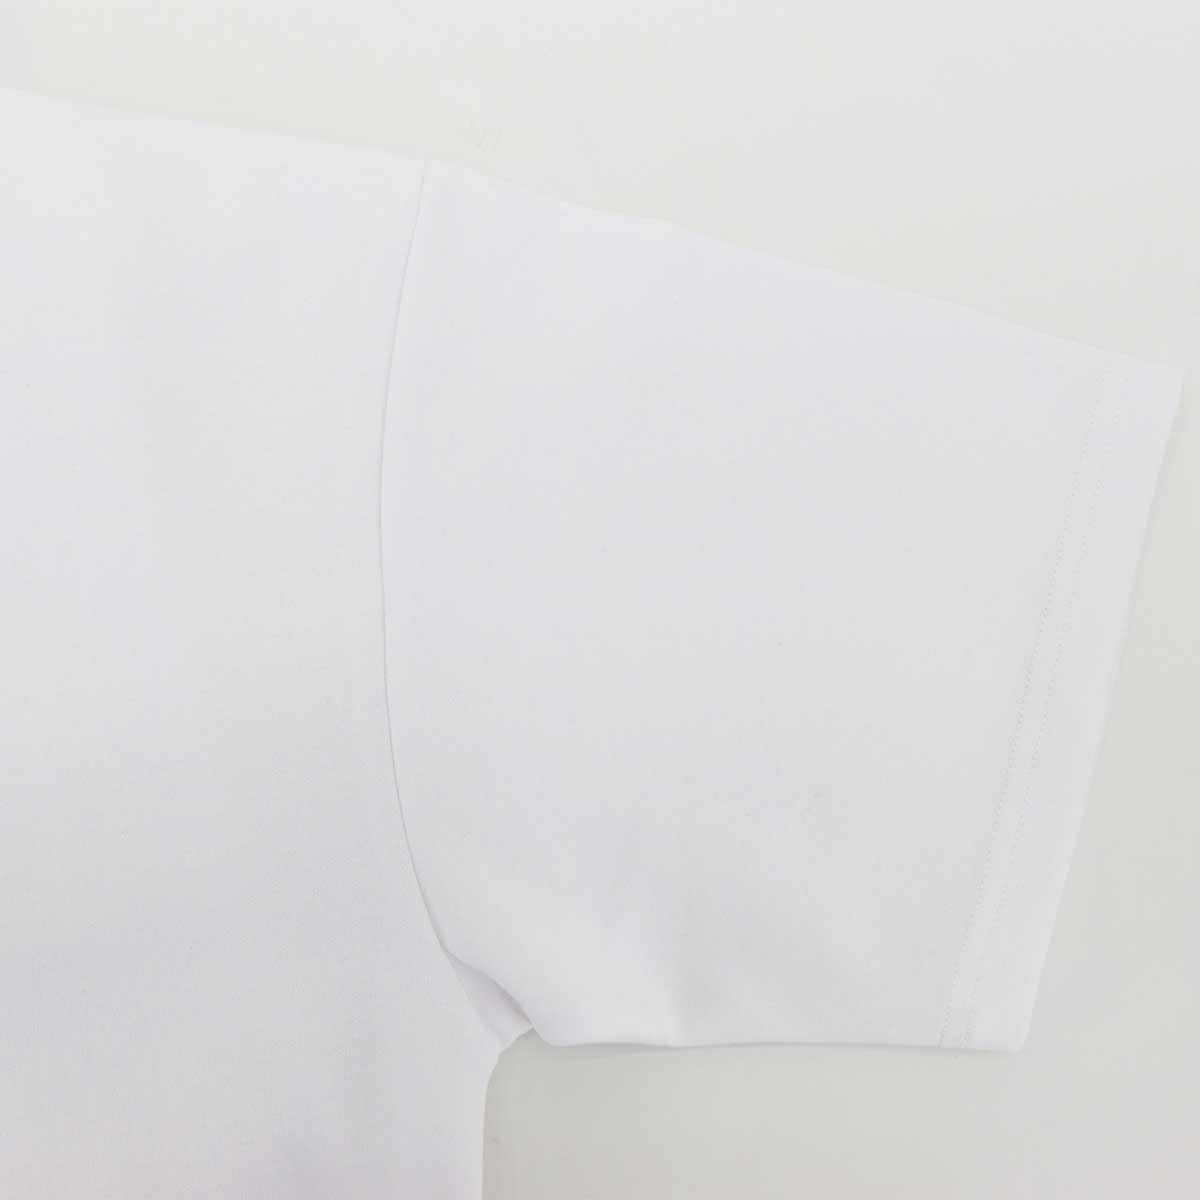 スウィープ ロサンゼルス Sweep!! LosAngeles メンズ 吸水速乾 クルーネック BIGシルエットTシャツ SL160005 SWP WHITE(ホワイト) 春夏新作